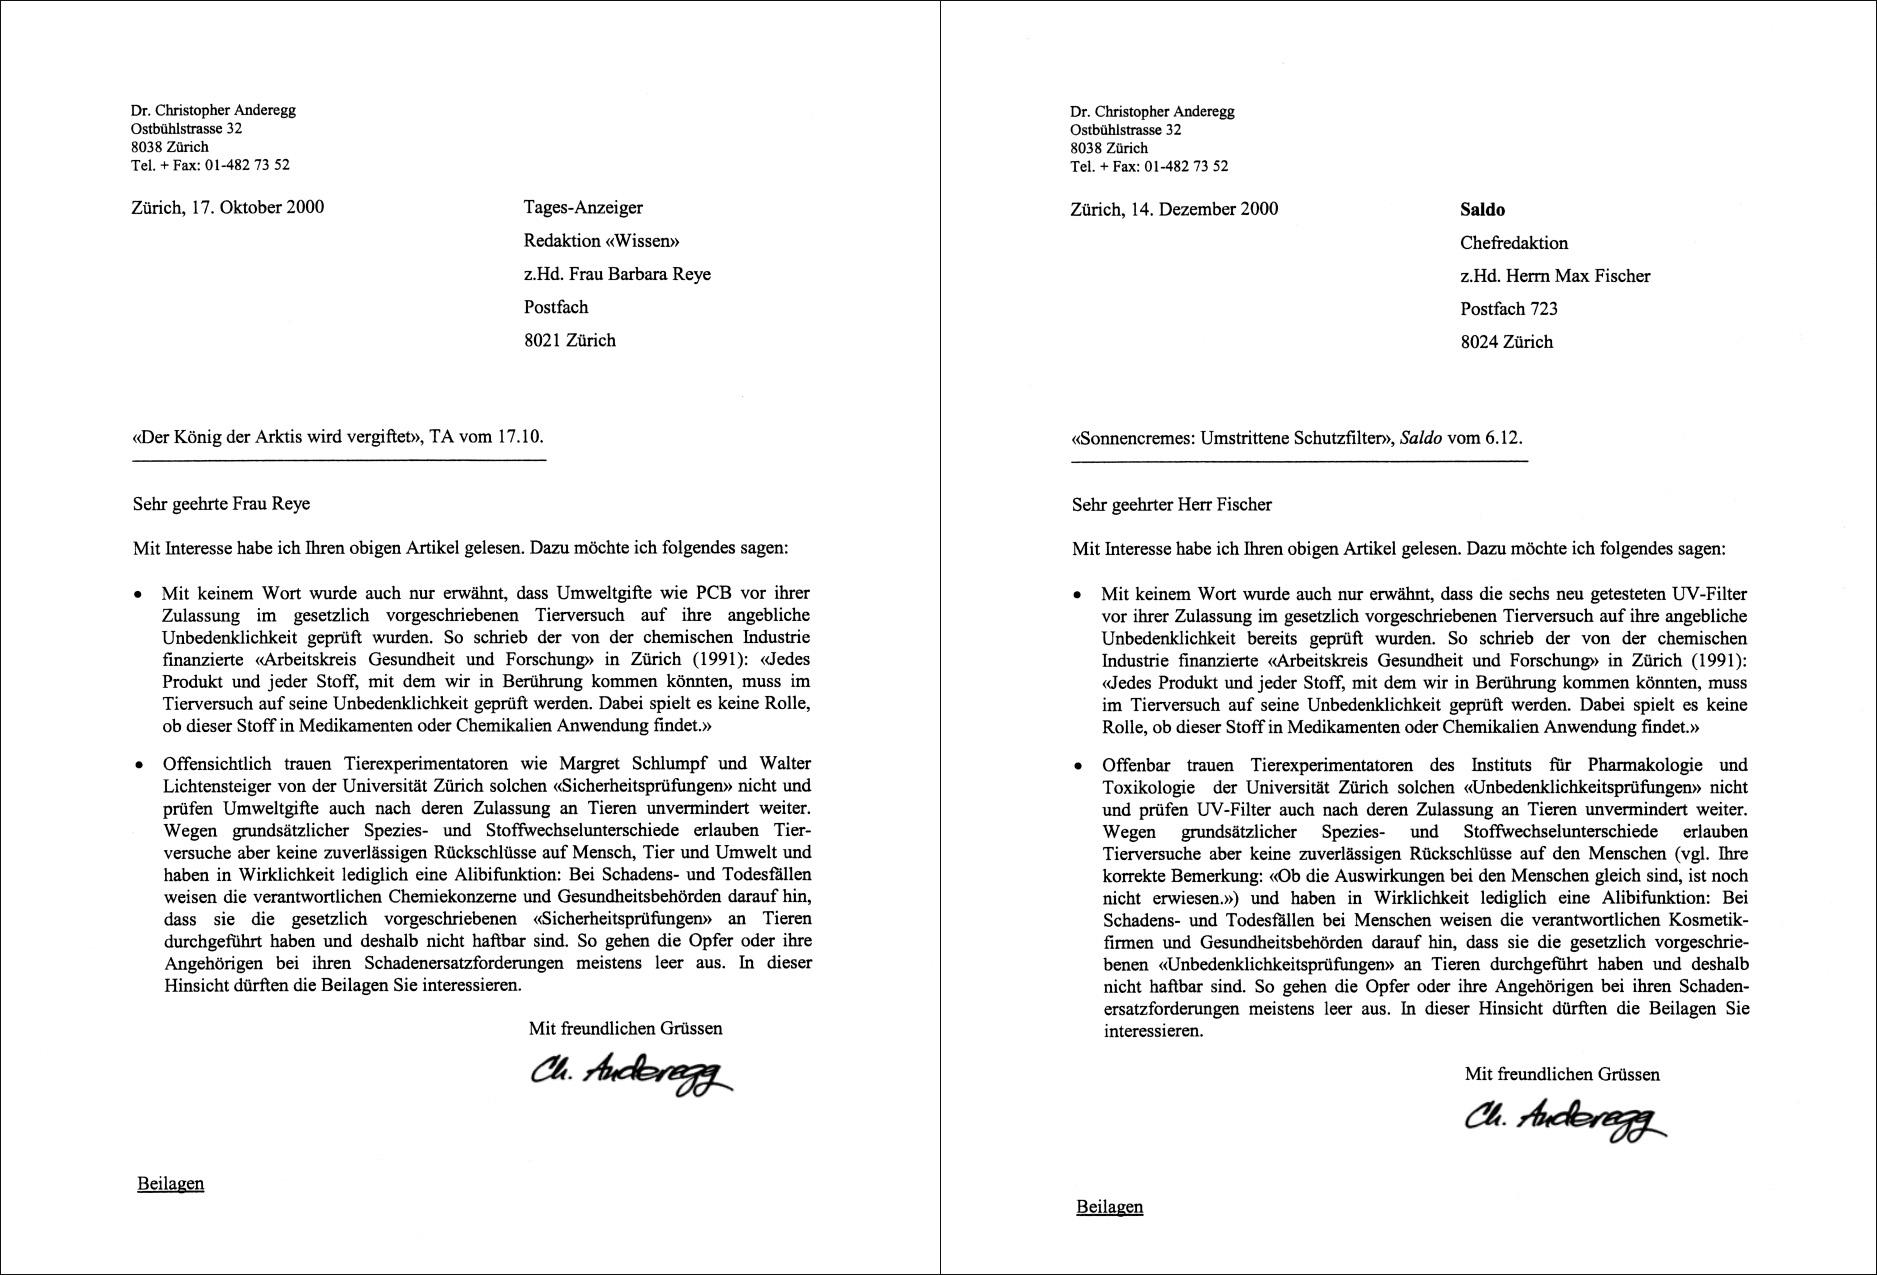 Briefe Und Xd : Verein zur abschaffung der tierversuche briefe an tages